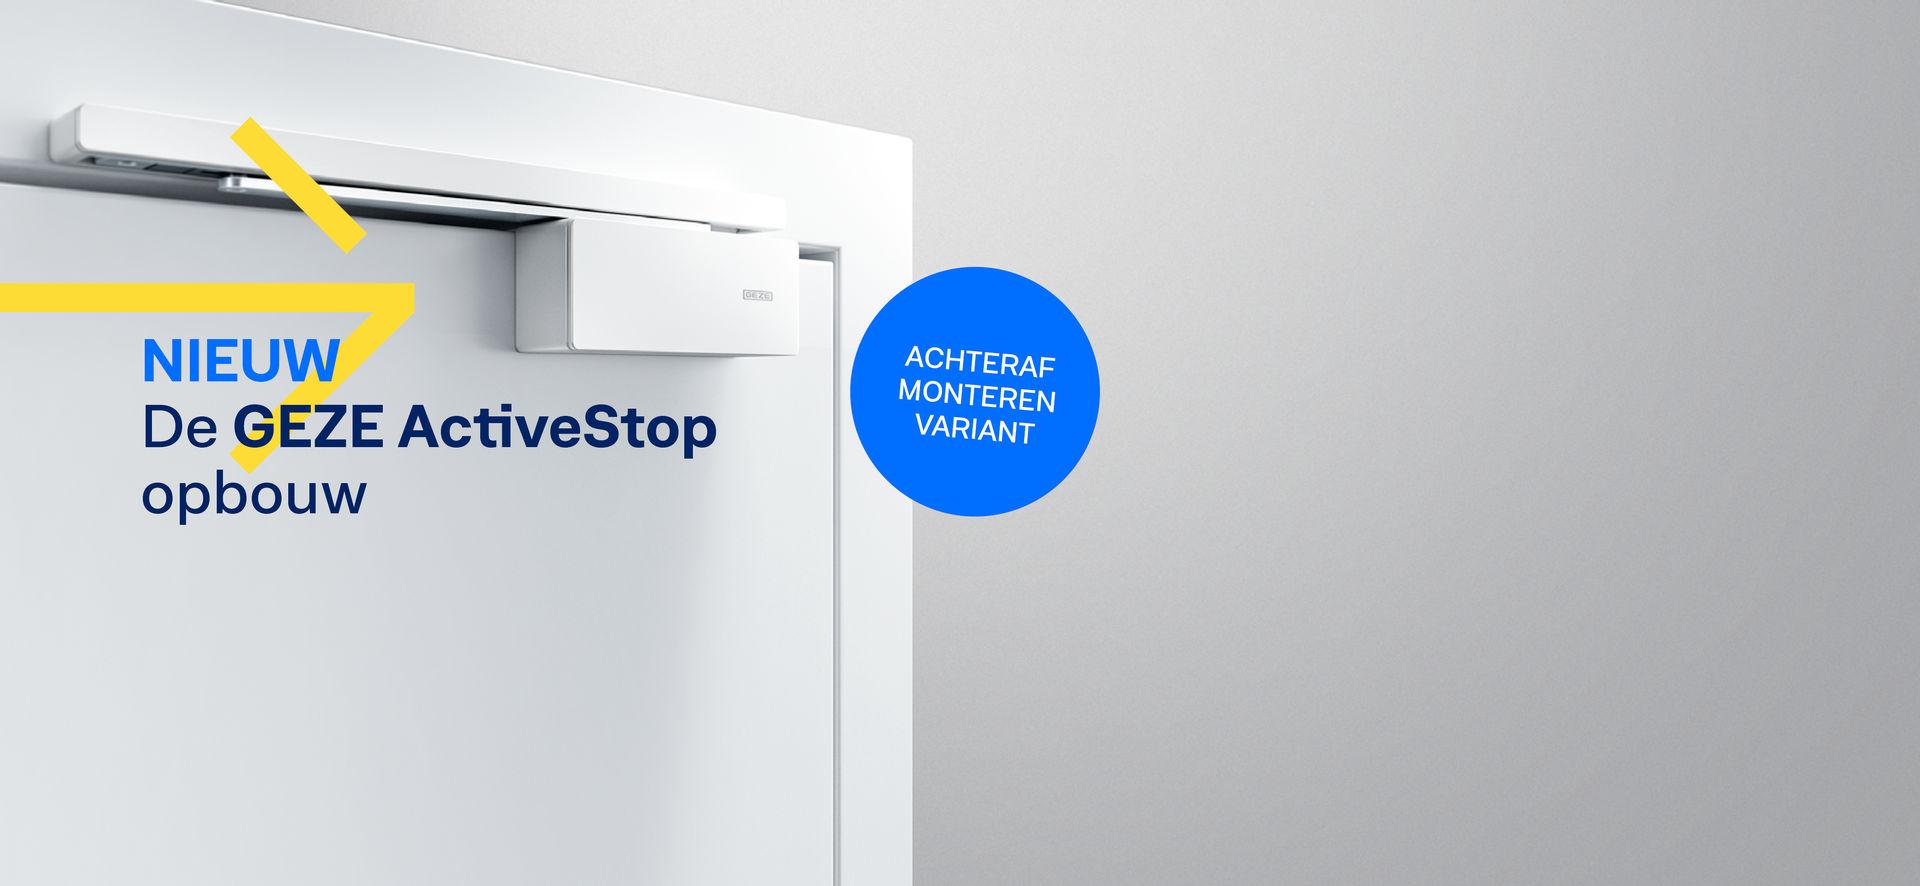 Onze GEZE ActiveStop stopt deuren zacht, sluit ze stil en houdt ze comfortabel open. Naast de beproefde geïntegreerde variant bieden wij nu een opliggende variant aan voor de simpele uitbreiding.